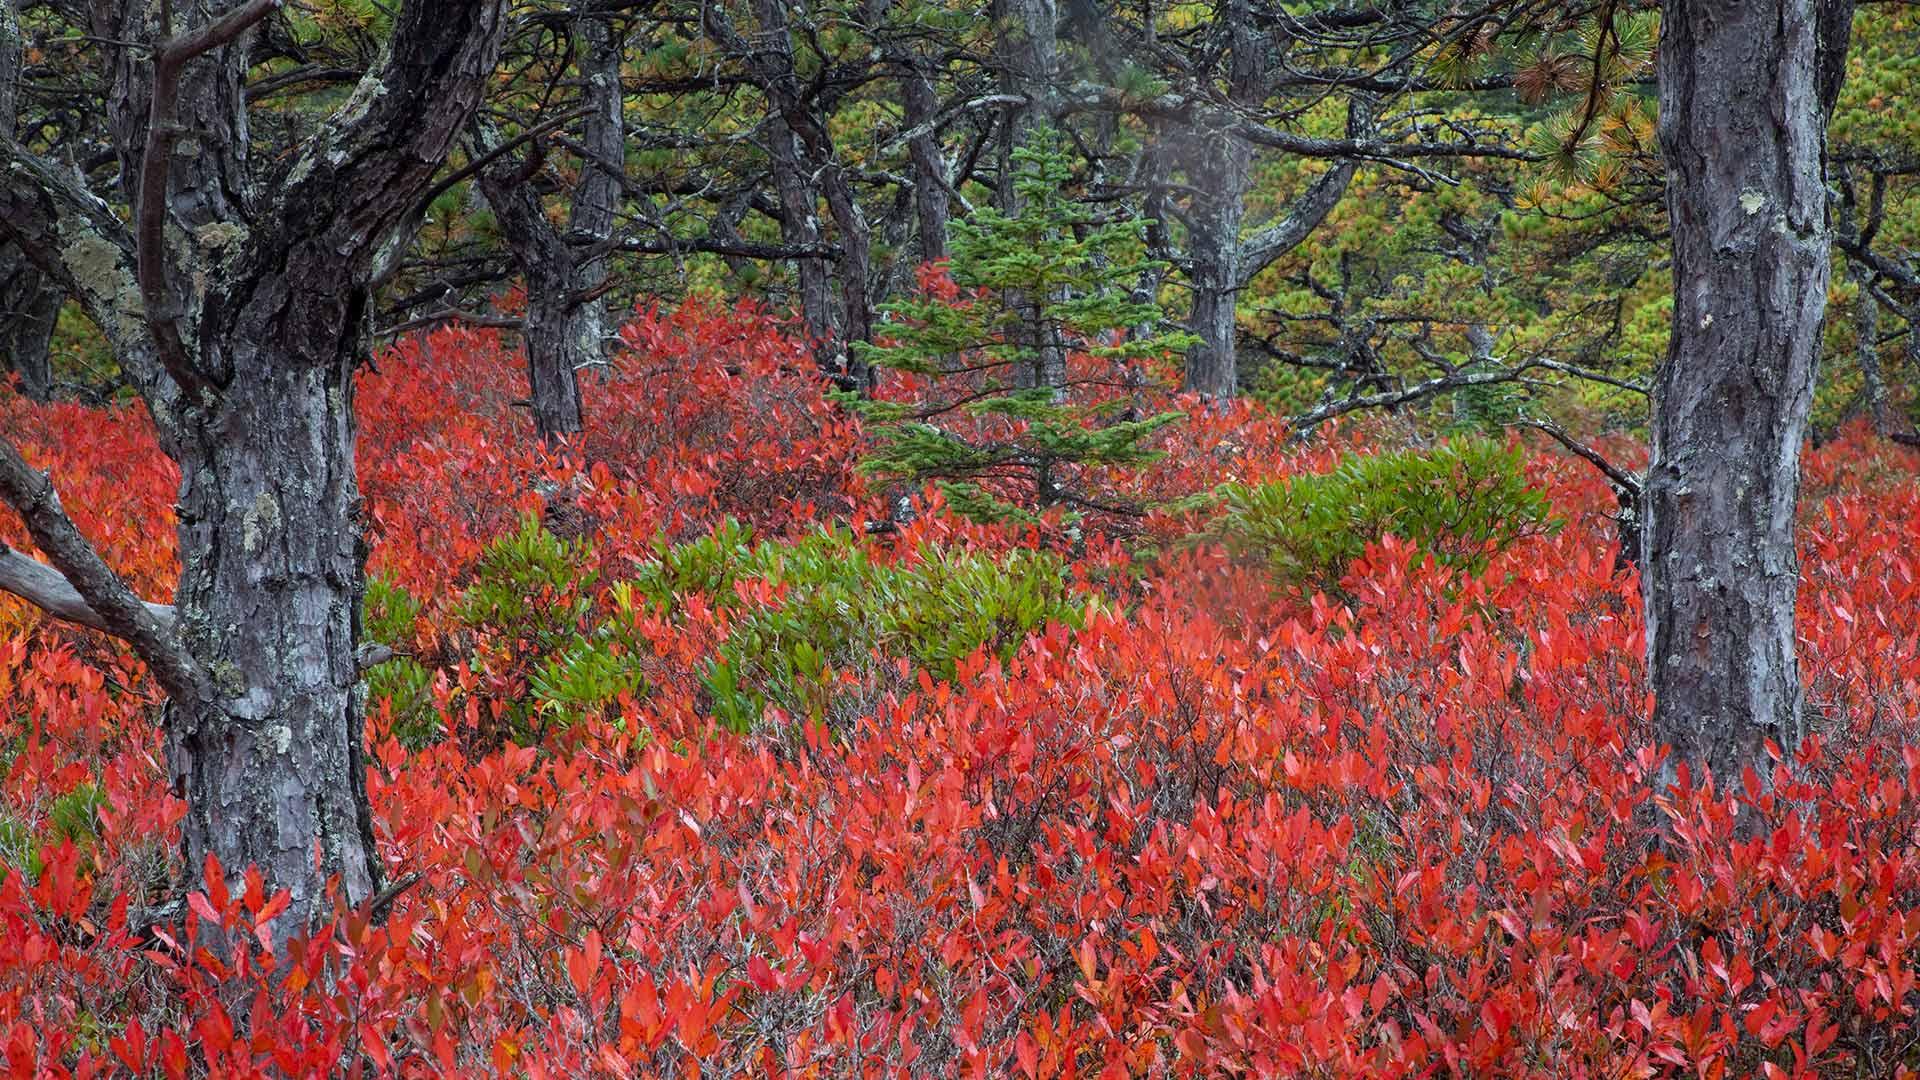 阿卡迪亚国家公园的高丛蓝莓植物